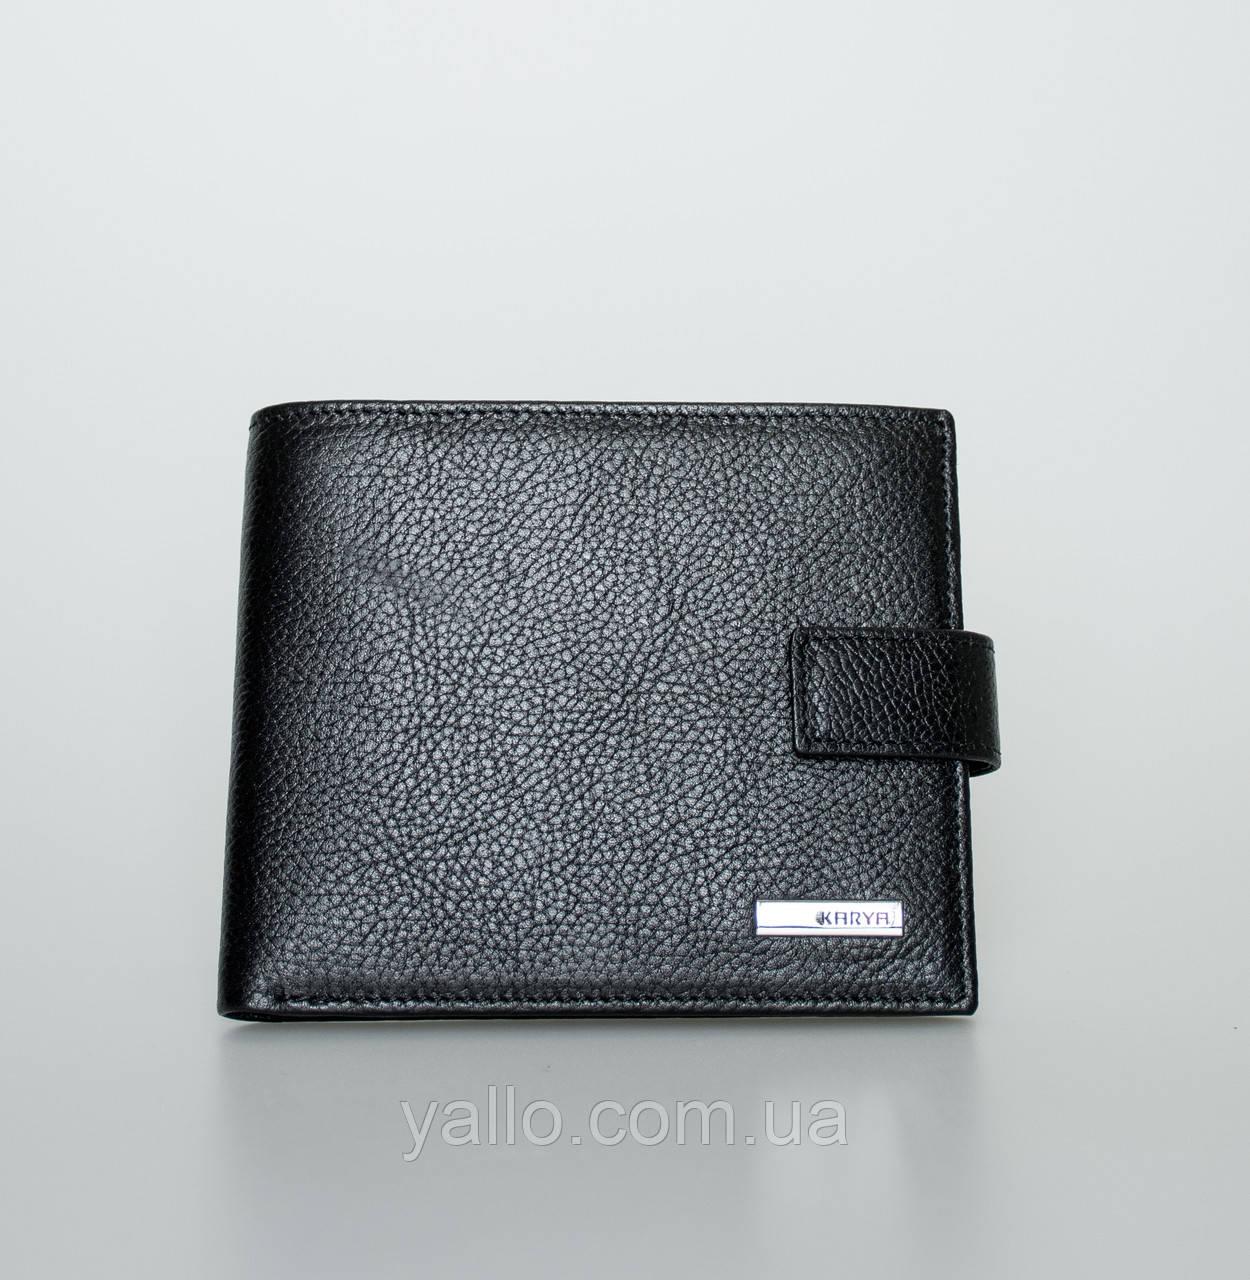 Мужской кошелёк из Натуральной Кожи, KARYA 0440-45